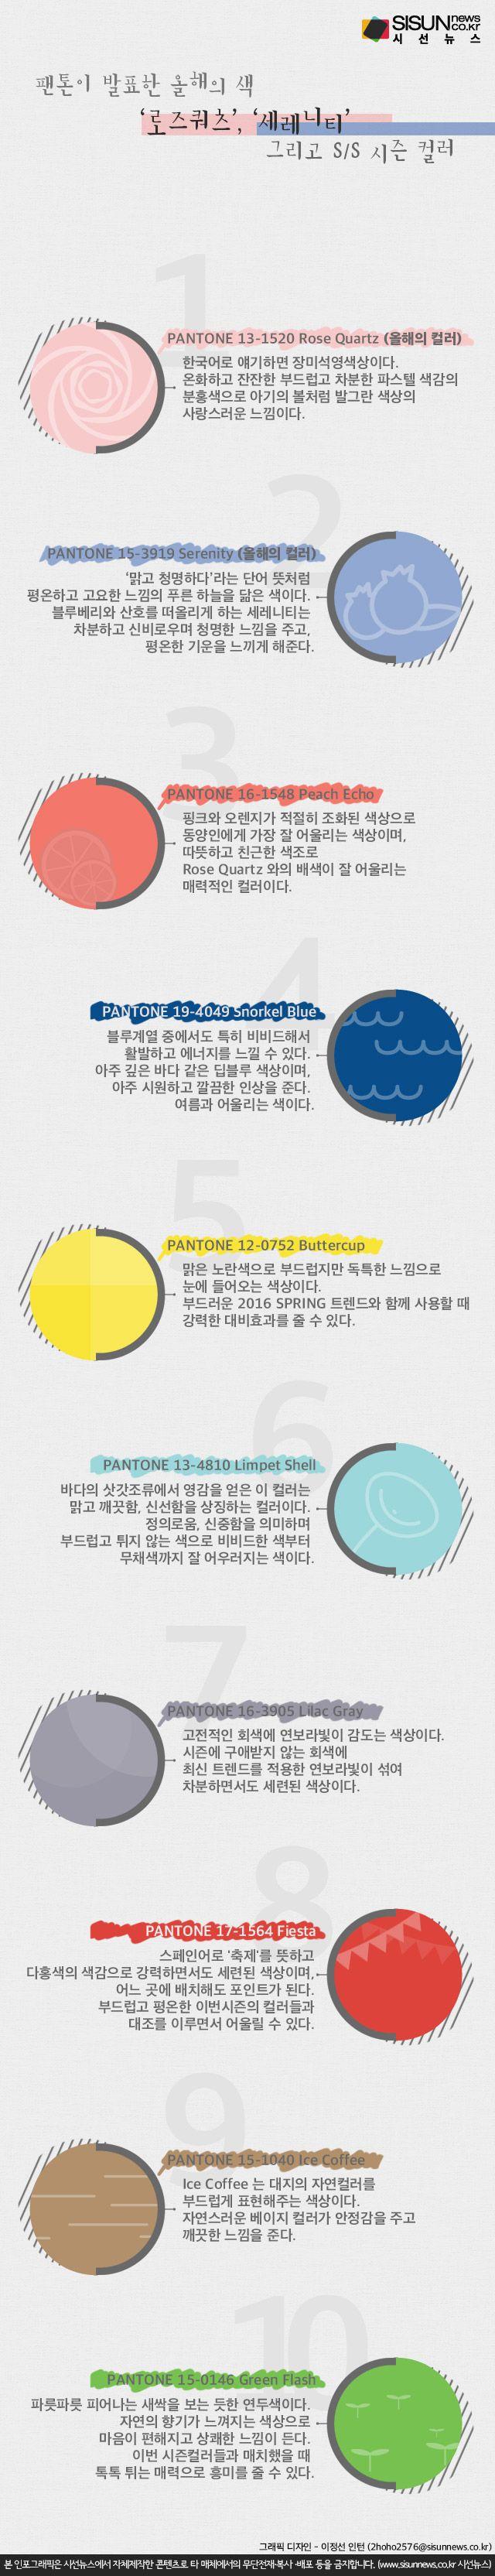 팬톤이 발표한 올해의 색 '로즈쿼츠', '세레니티' 그리고 S/S 시즌 컬러 [인포그래픽] - ::지식교양 전문채널:: 시선뉴스